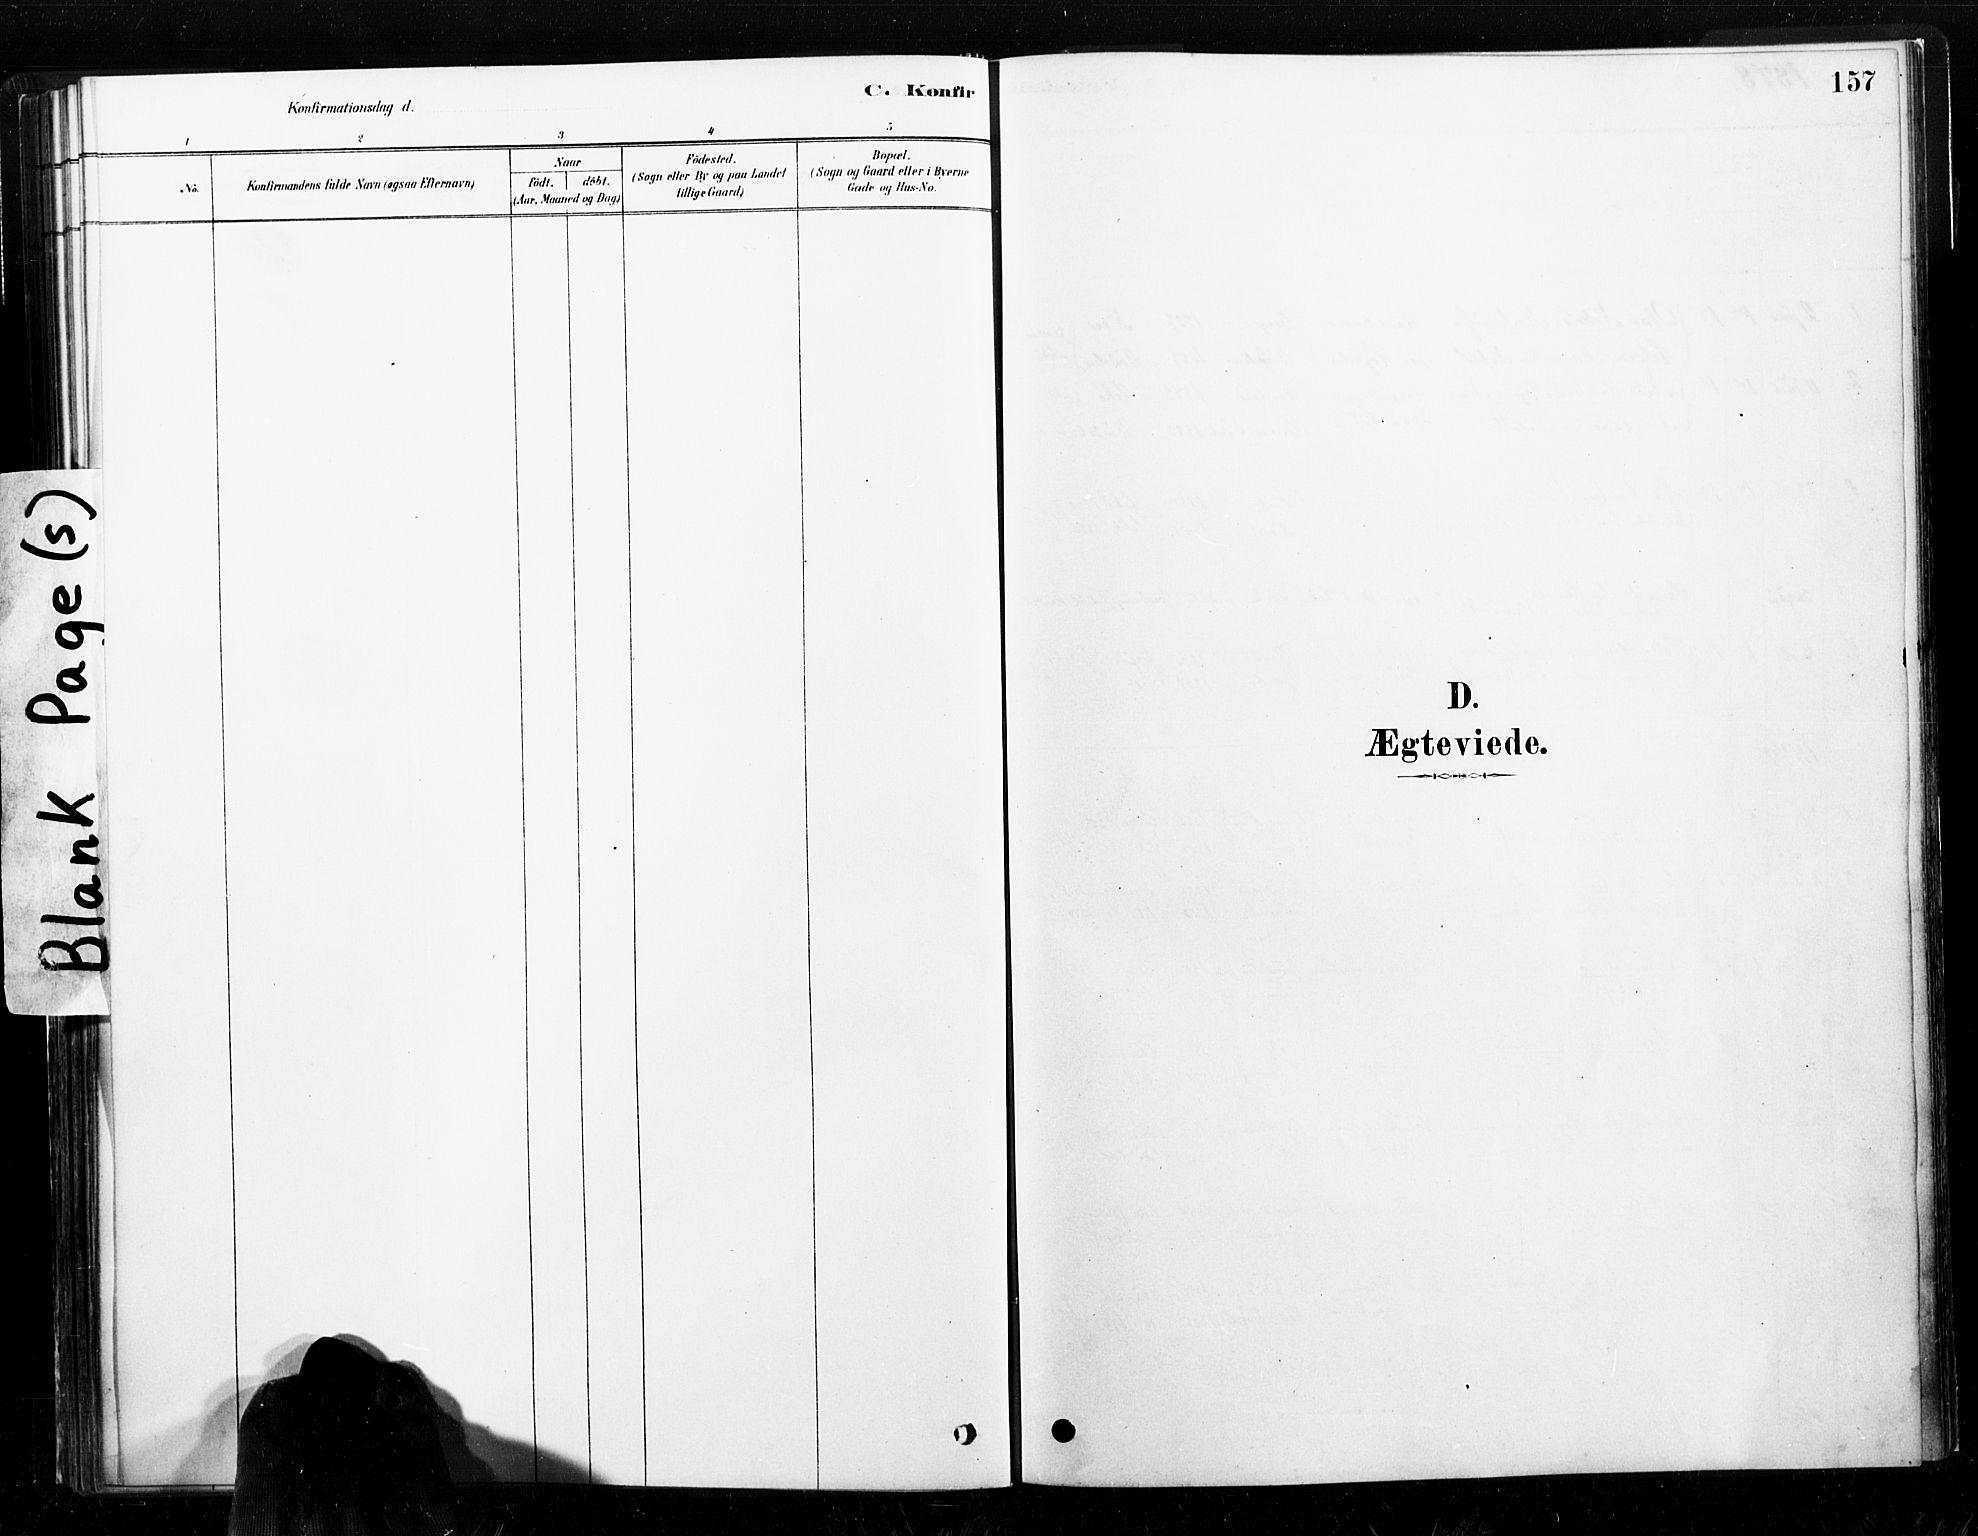 SAT, Ministerialprotokoller, klokkerbøker og fødselsregistre - Nord-Trøndelag, 789/L0705: Ministerialbok nr. 789A01, 1878-1910, s. 157